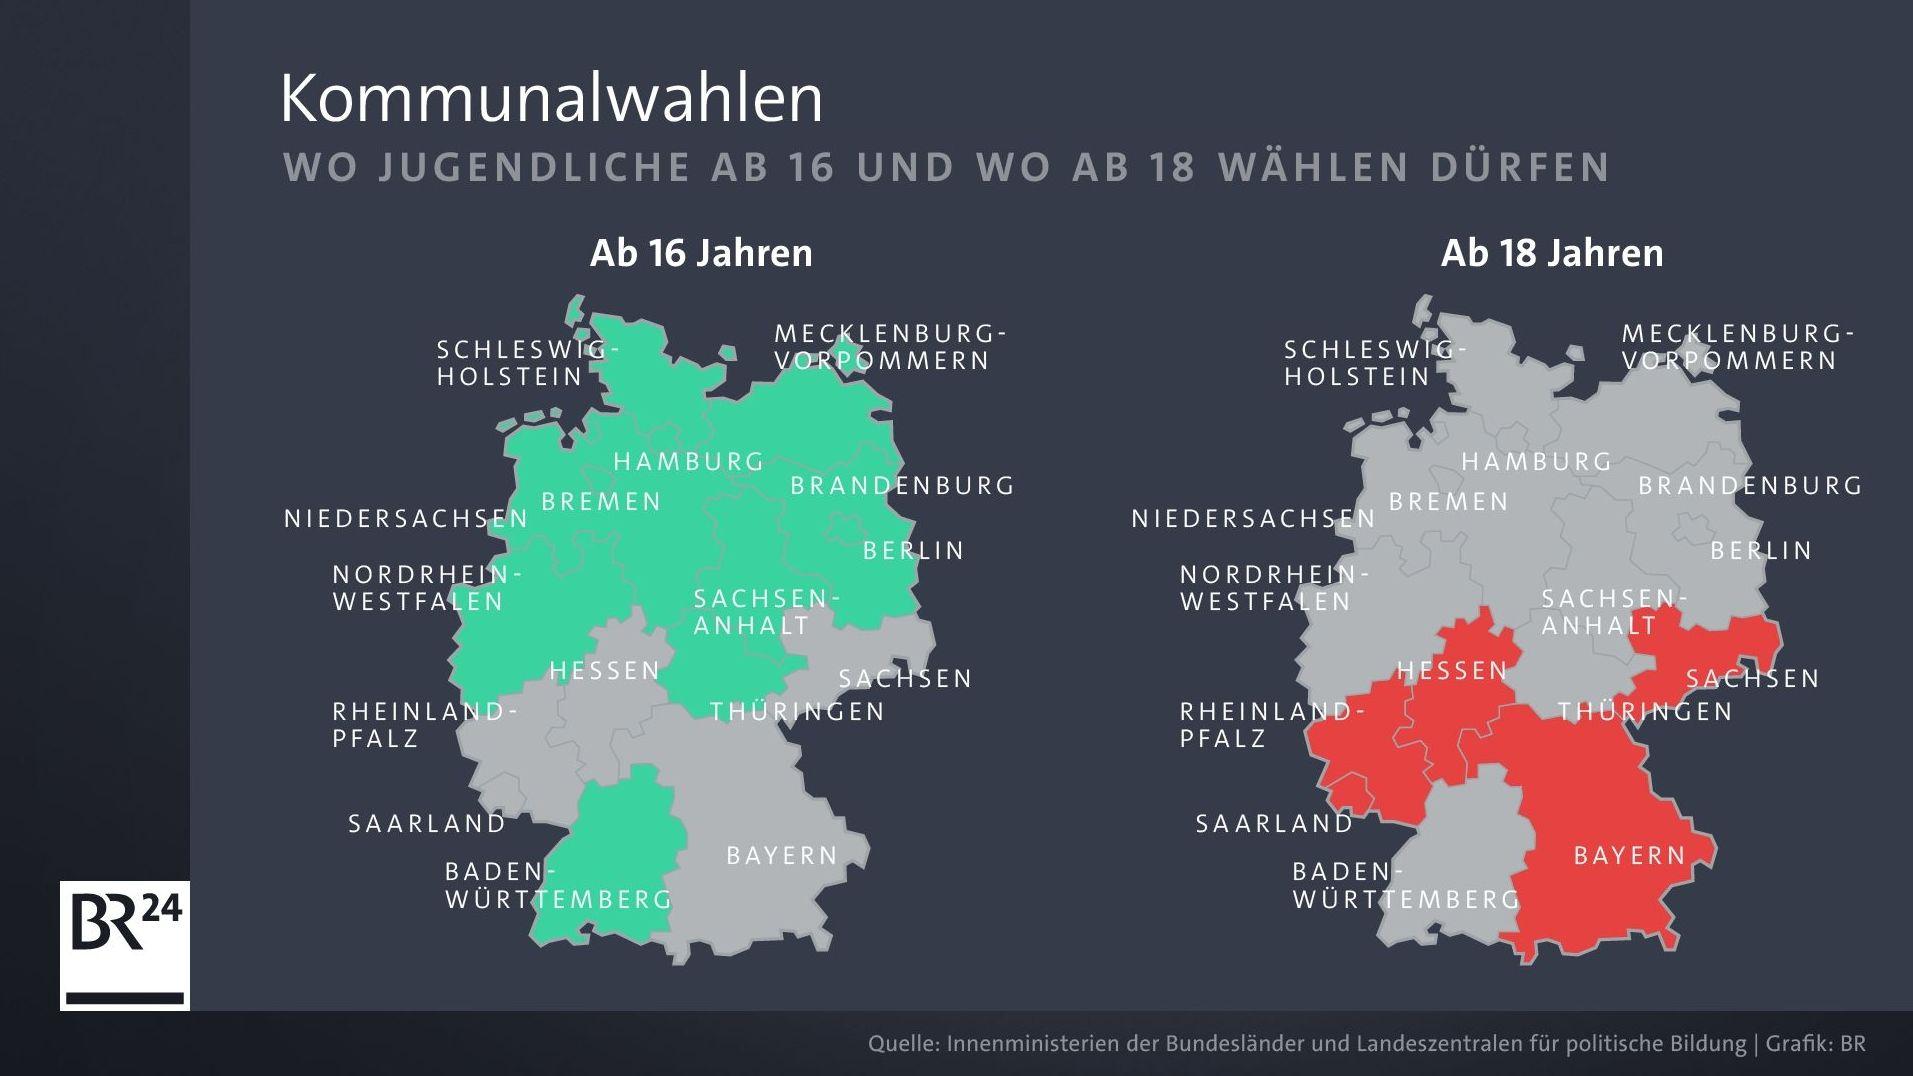 Deutschlandübersicht, wo in Deutschland Jugendliche bei Kommunalwahlen ab 16 Jahren und wo ab 18 Jahren wählen dürfen.